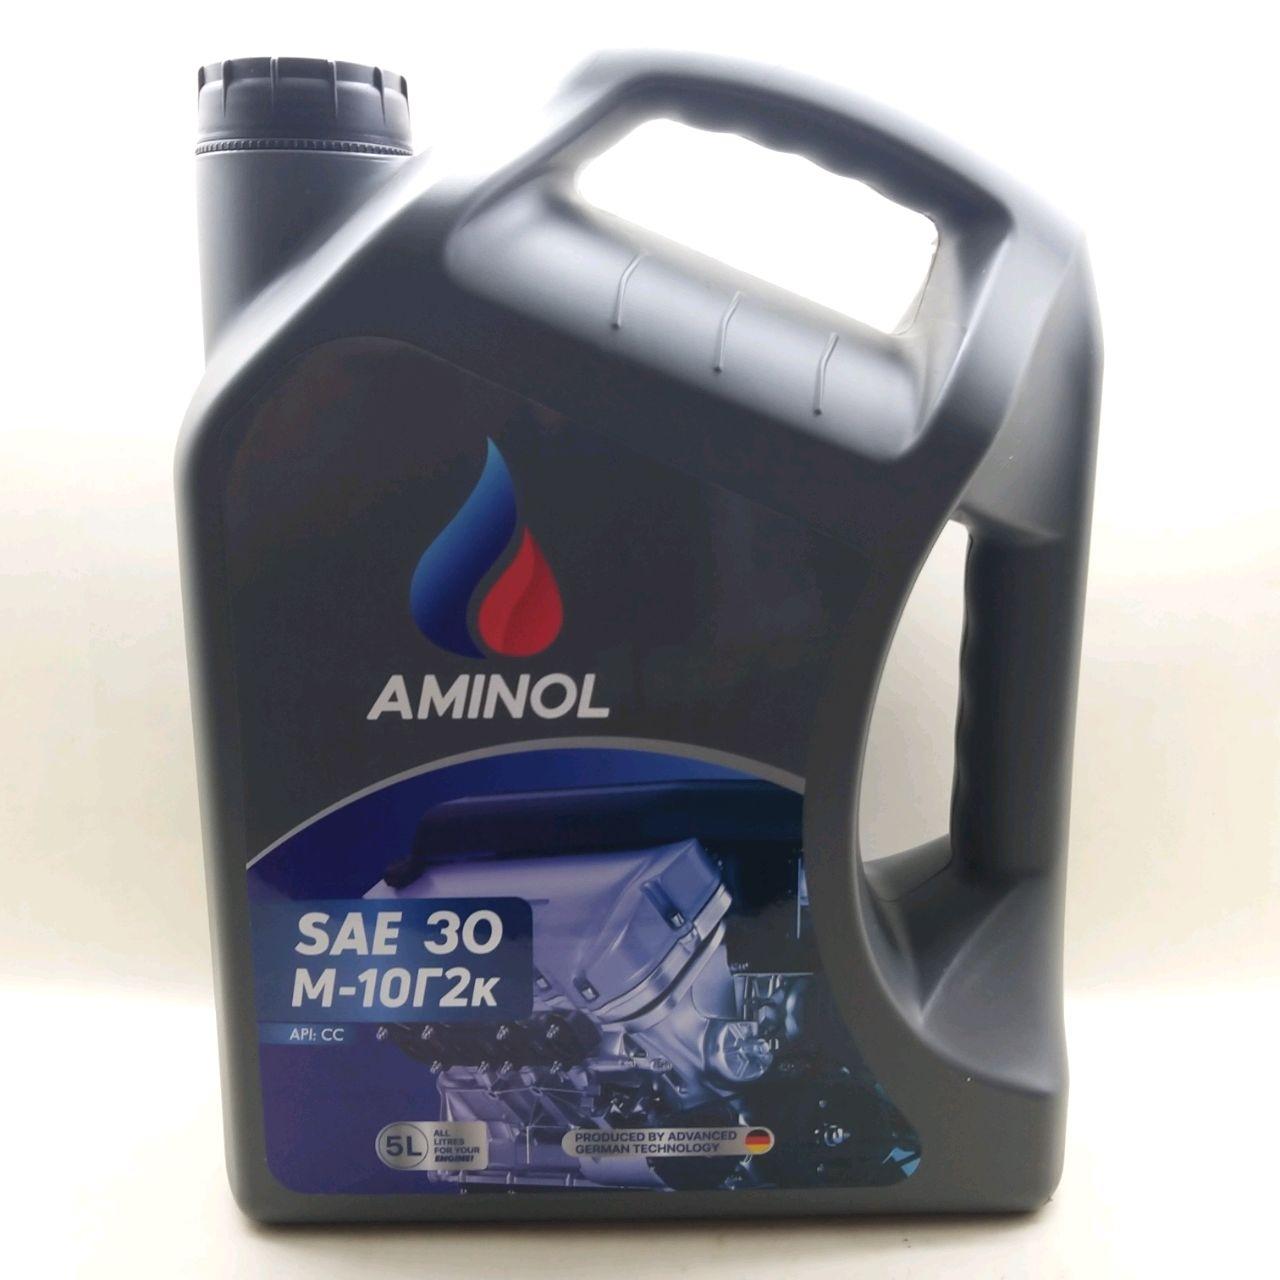 Aminol M-10G2k 5L.